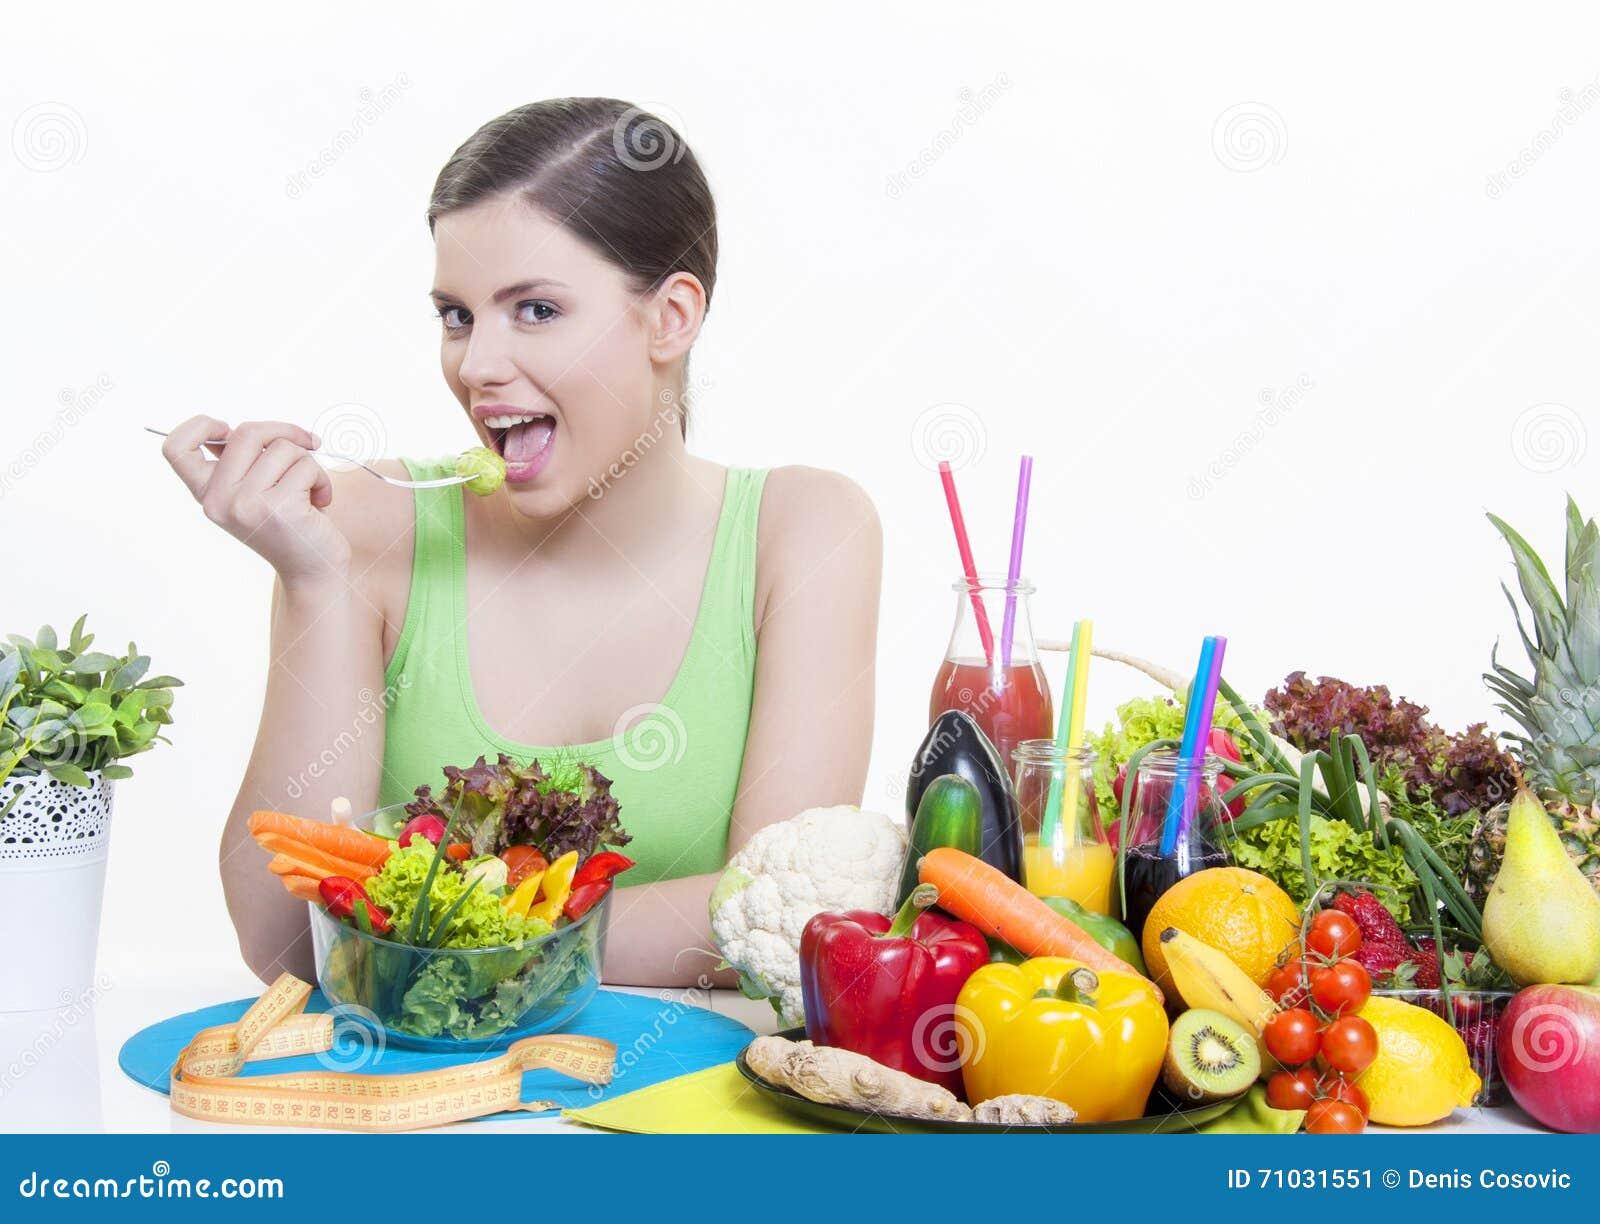 Schones Madchen Mit Gesunder Diat Der Obst Und Gemuse Stockbild